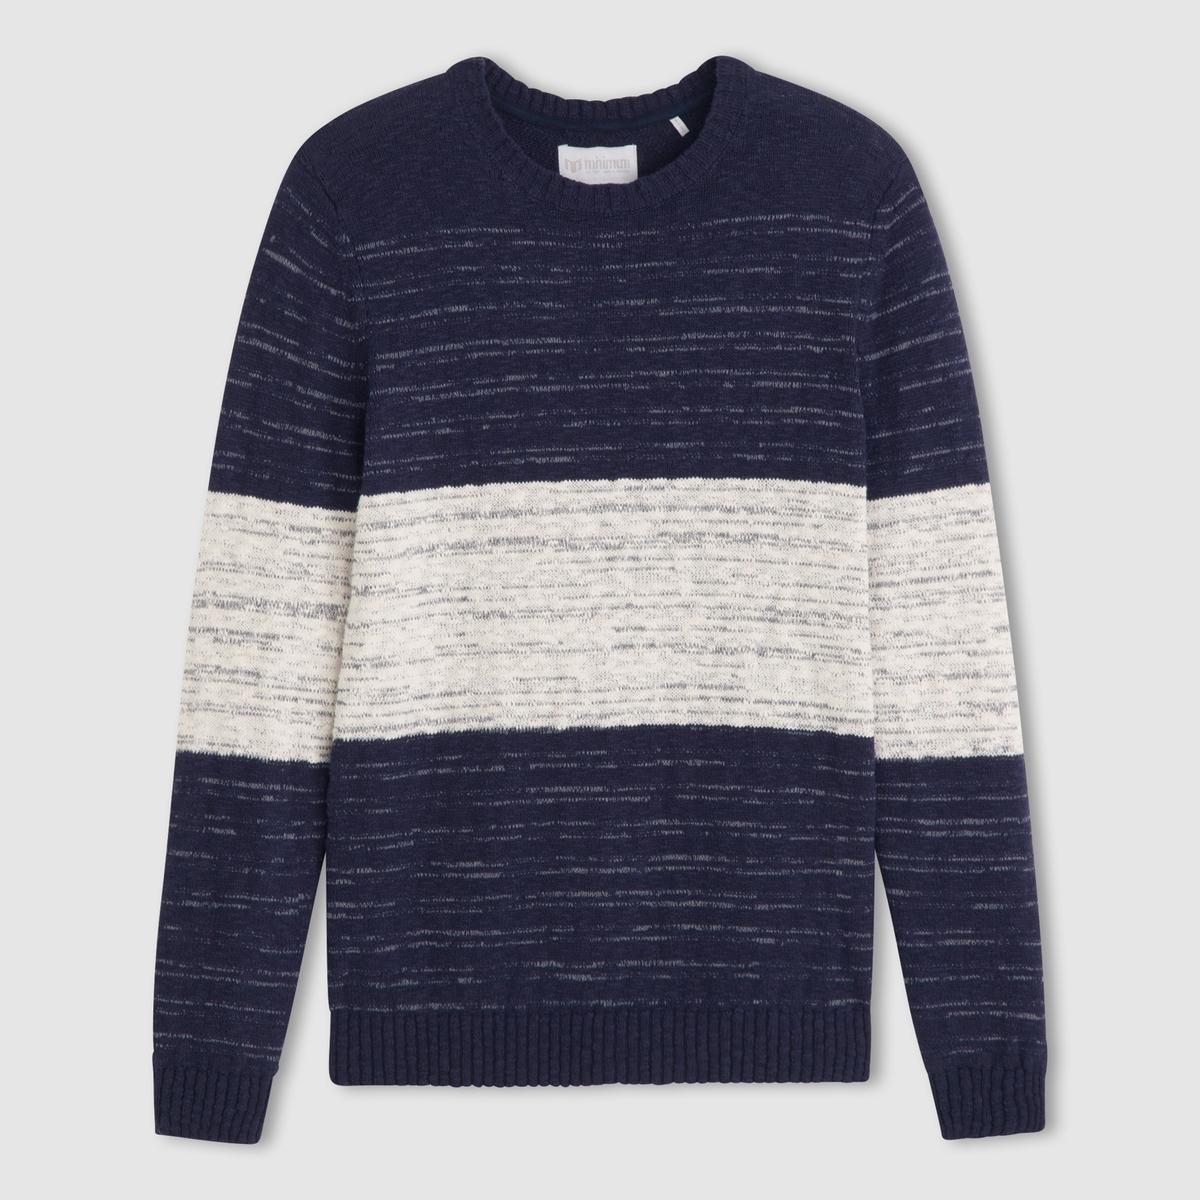 ПуловерПуловер MINIMUM100% хлопка. Круглый вырез. Длинные рукава. Края связаны в рубчик .<br><br>Цвет: синий